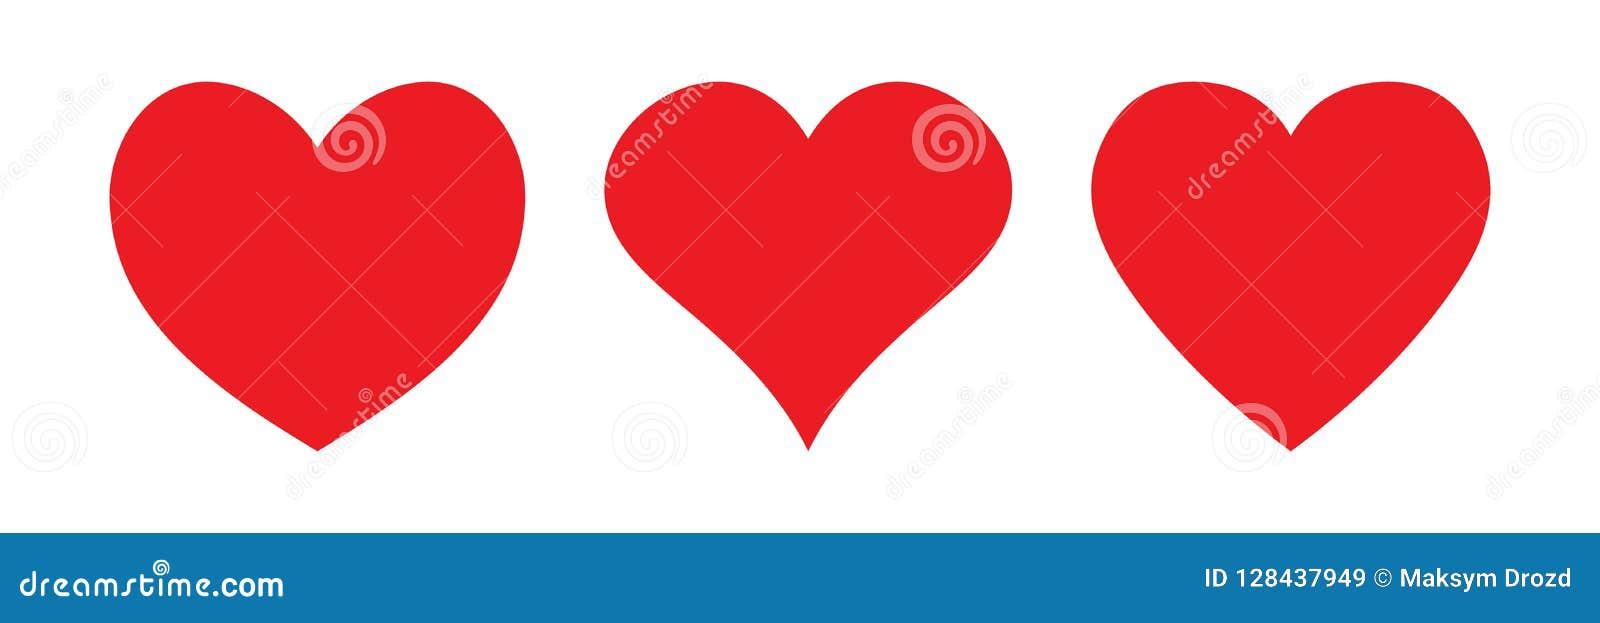 Röd hjärtasymbol, förälskelsesymbol